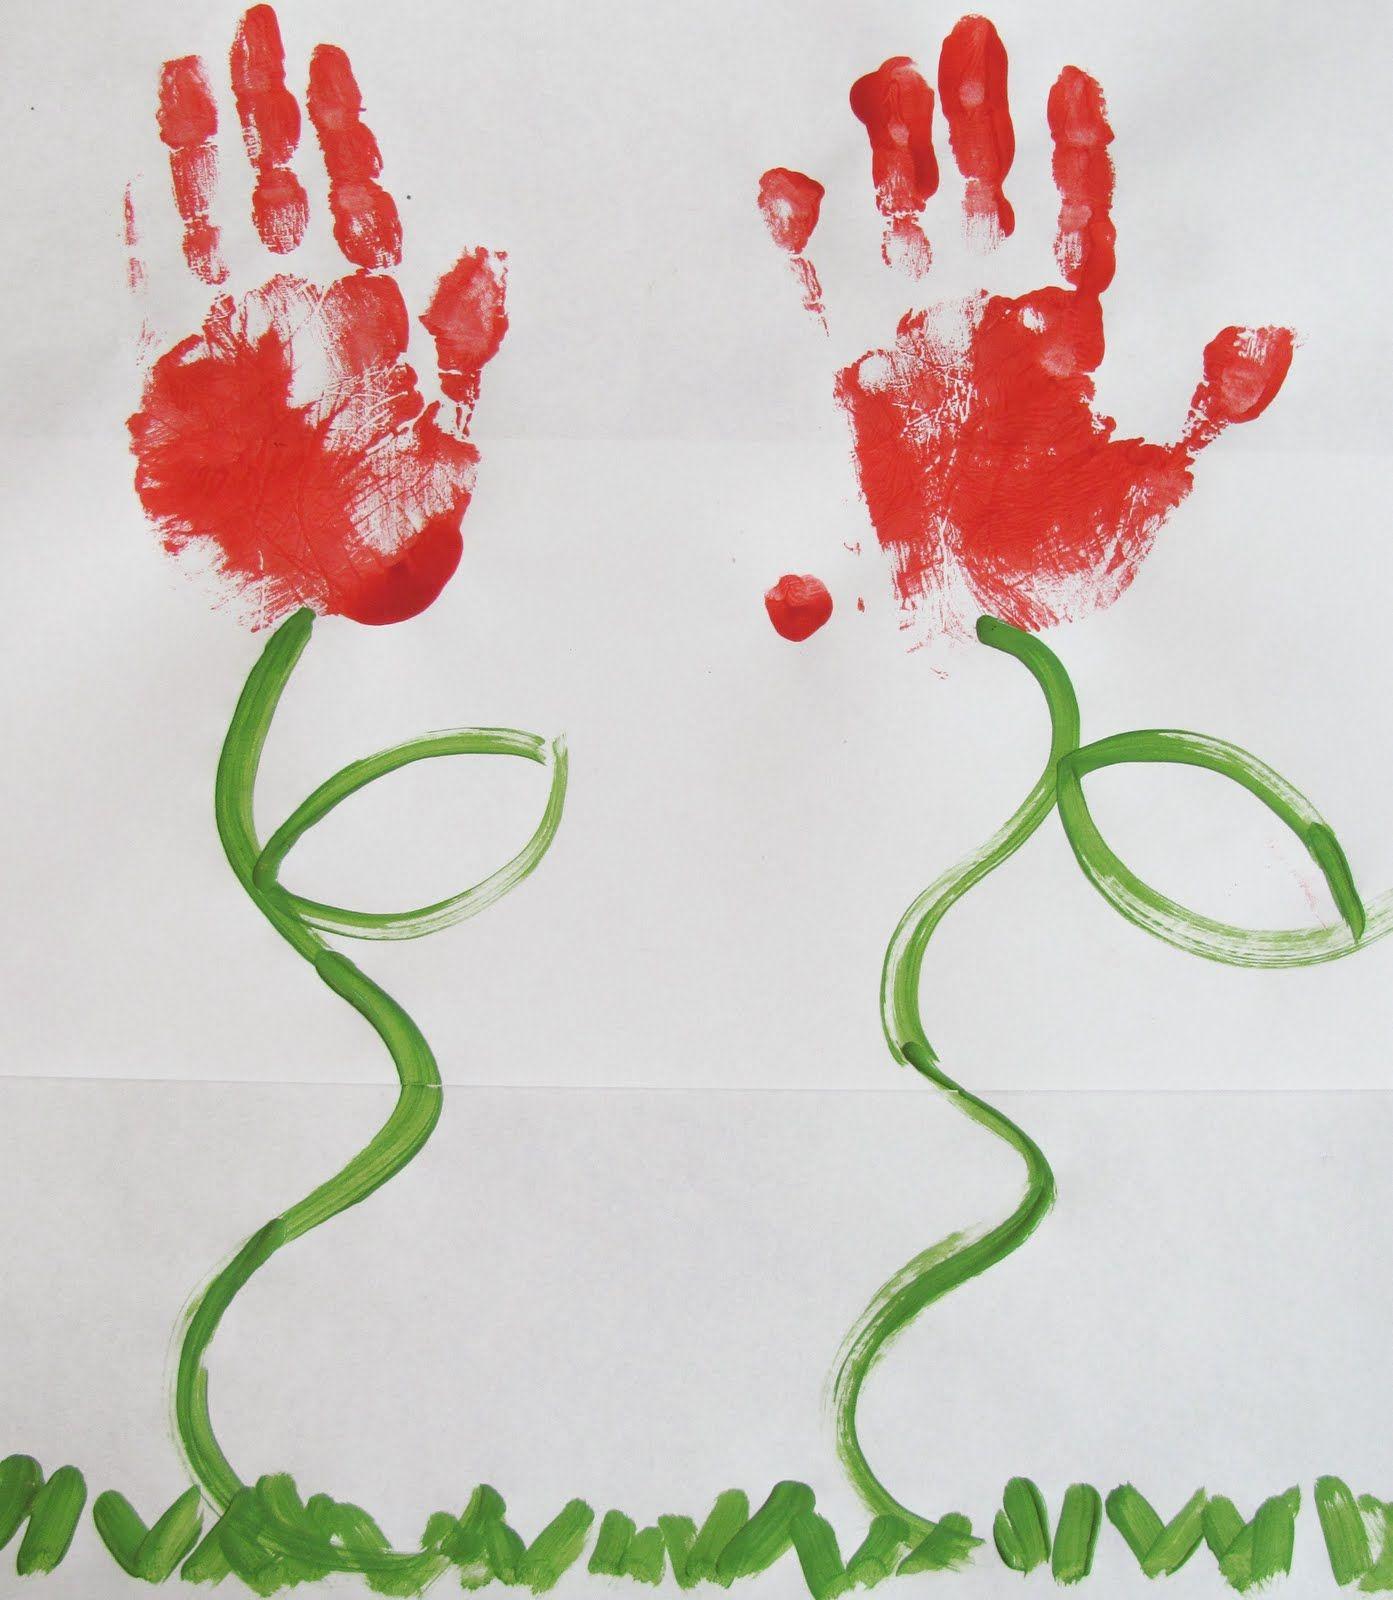 питон рисунок из отпечатков рук сотни различных параметров